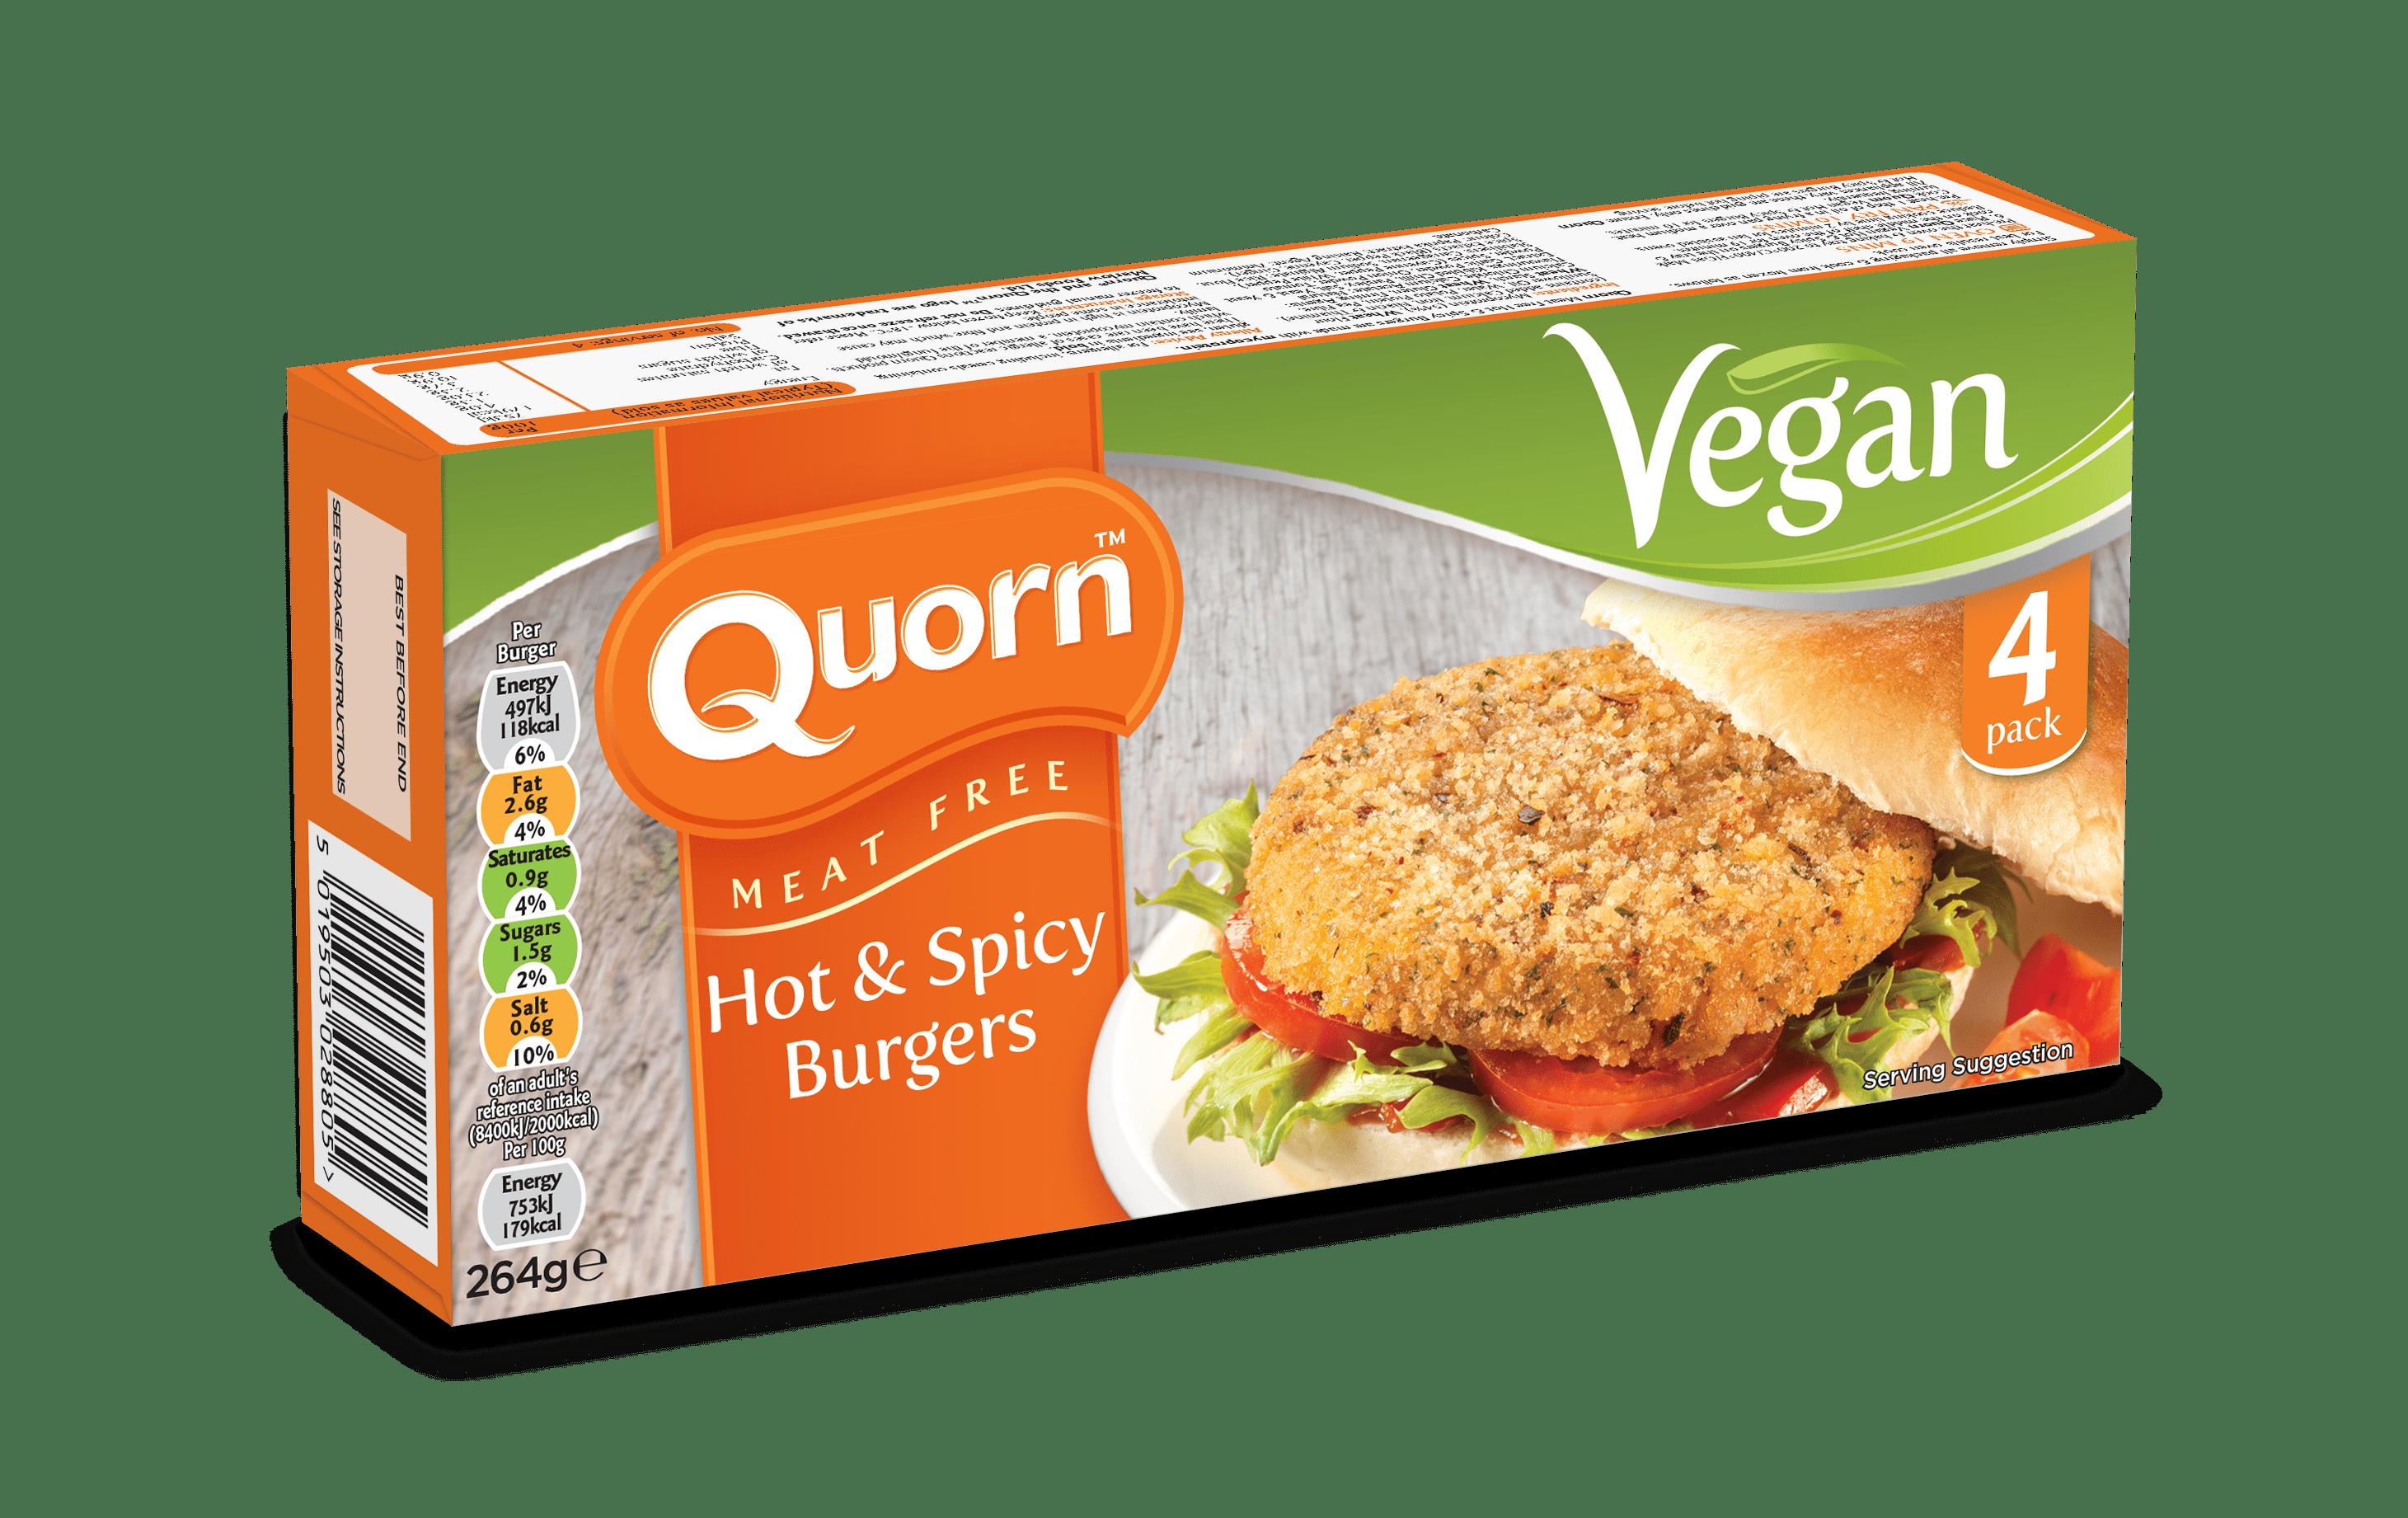 http://i1.wp.com/fatgayvegan.com/wp-content/uploads/2015/09/Quorn_Vegan_Burger_v1.png?fit=2921%2C1841